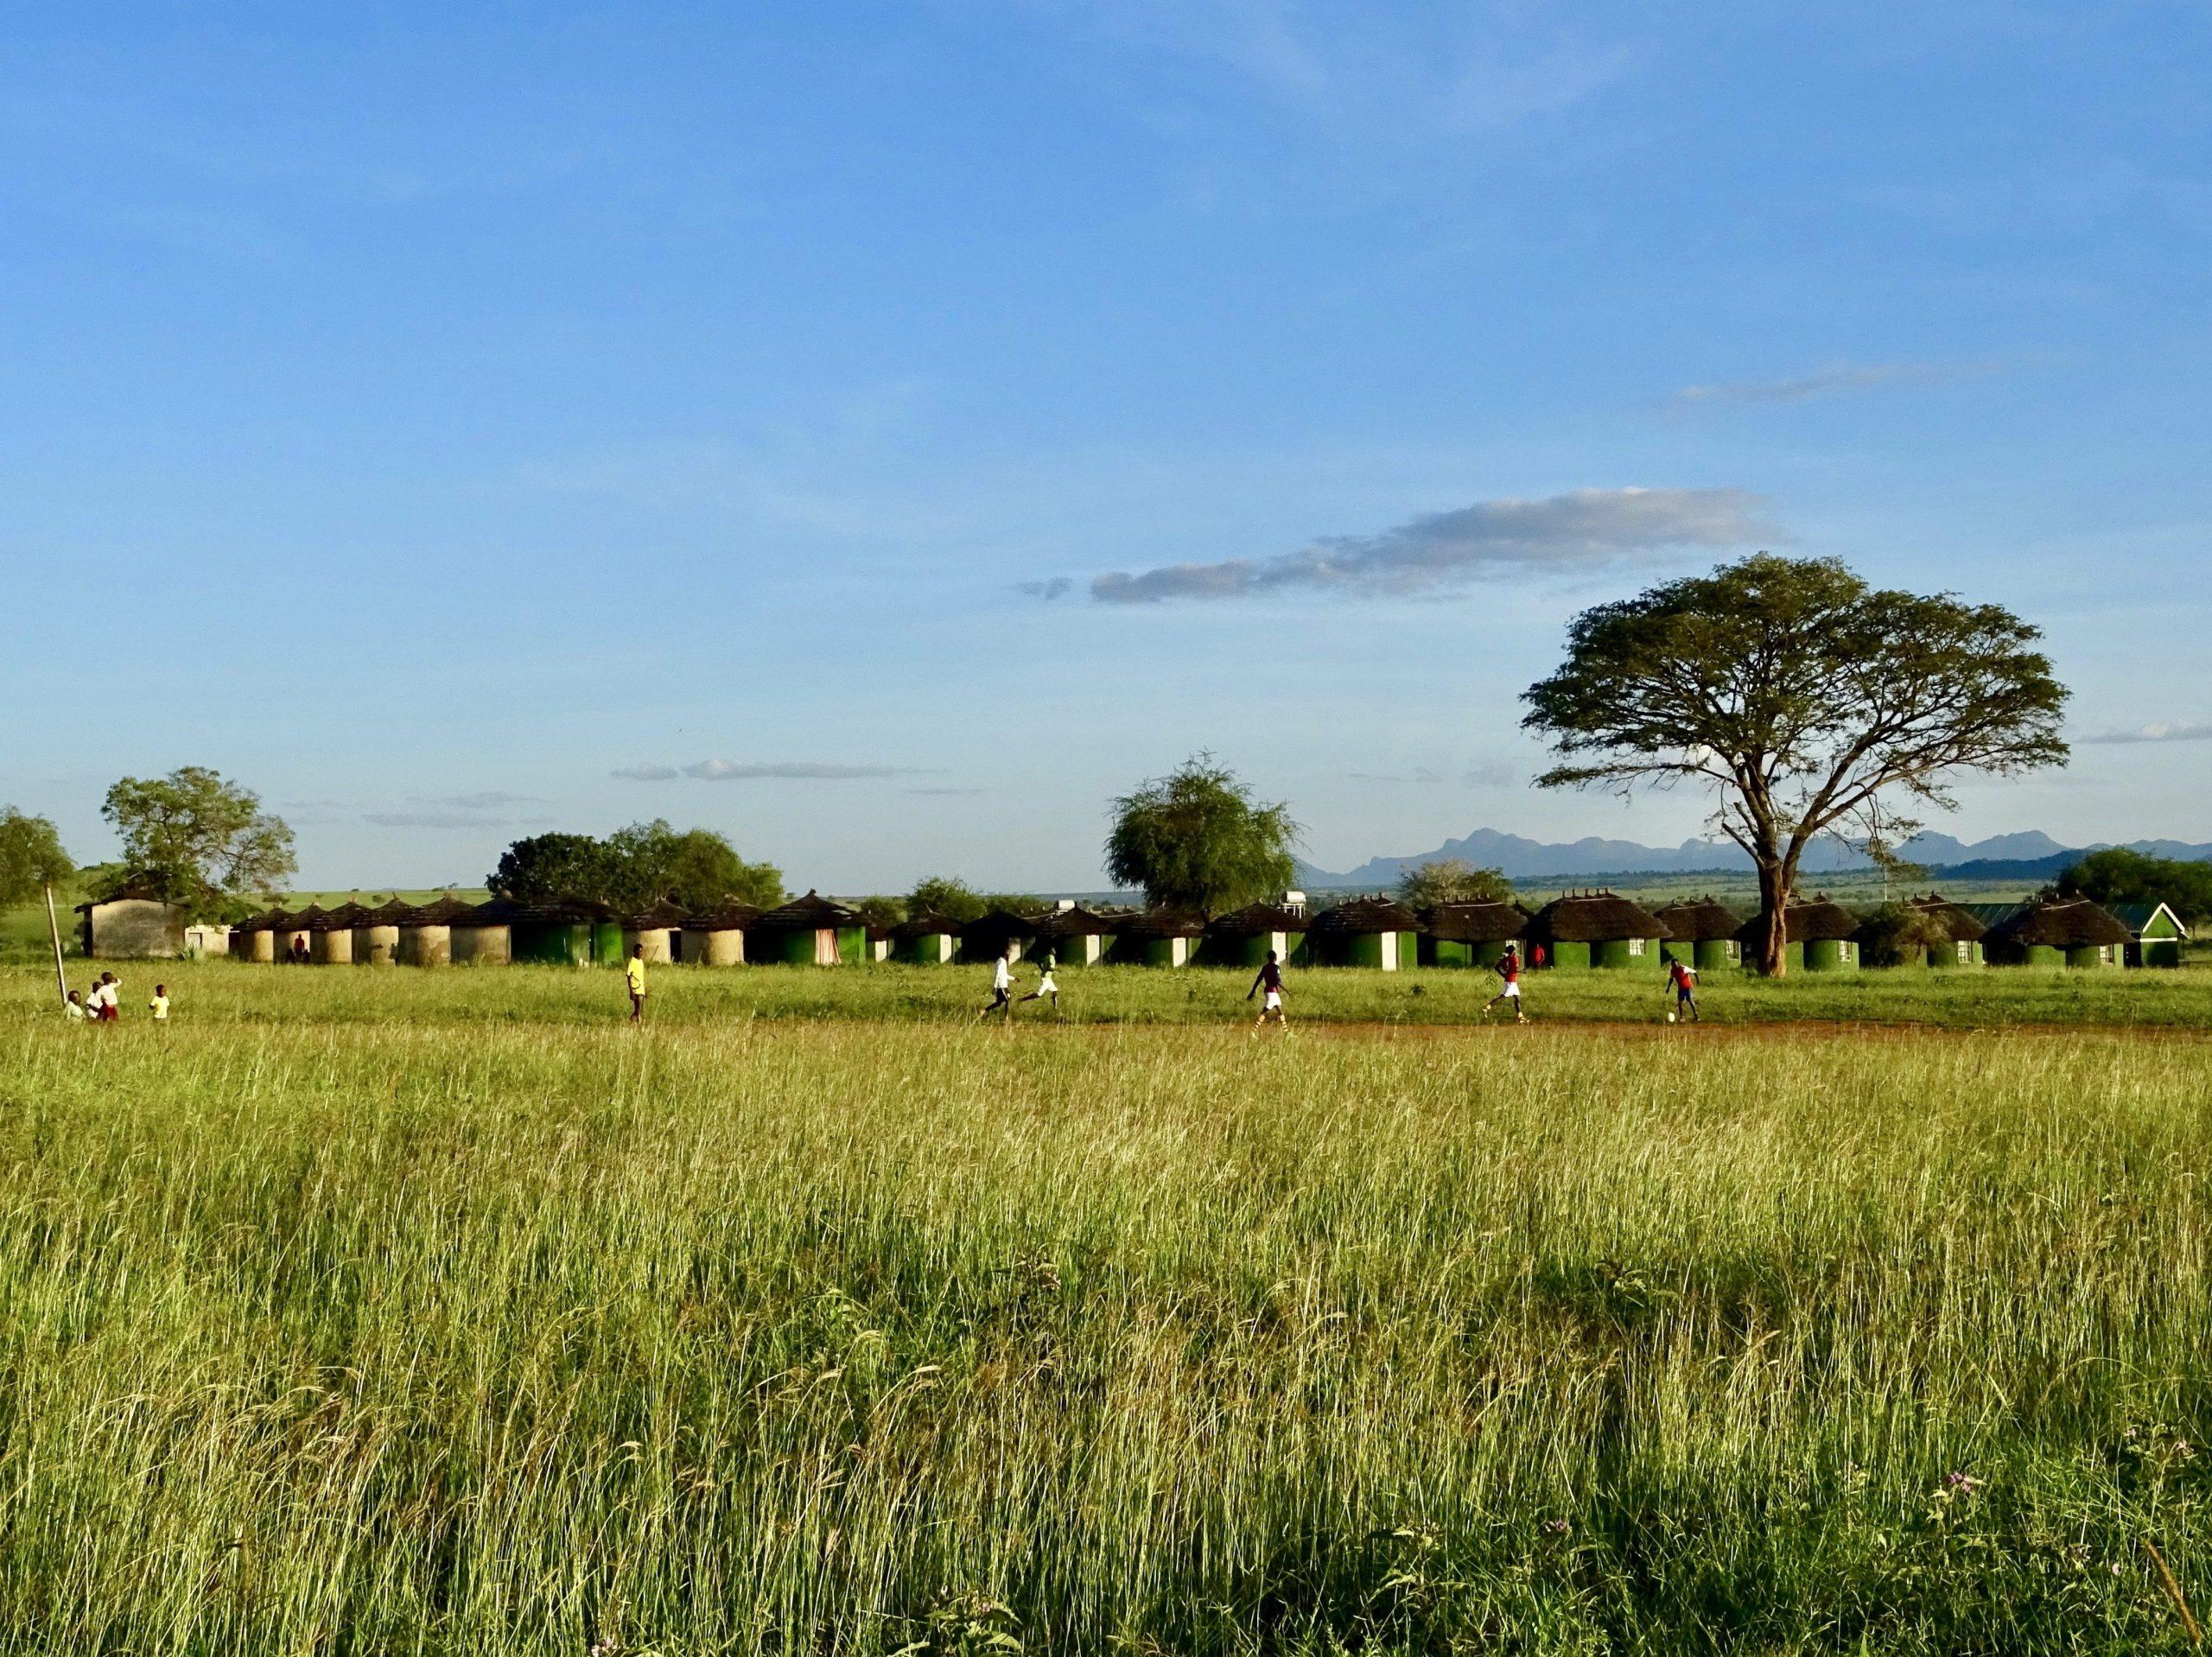 Het voetbalveldje bij het Apoka kamp in Kidepo